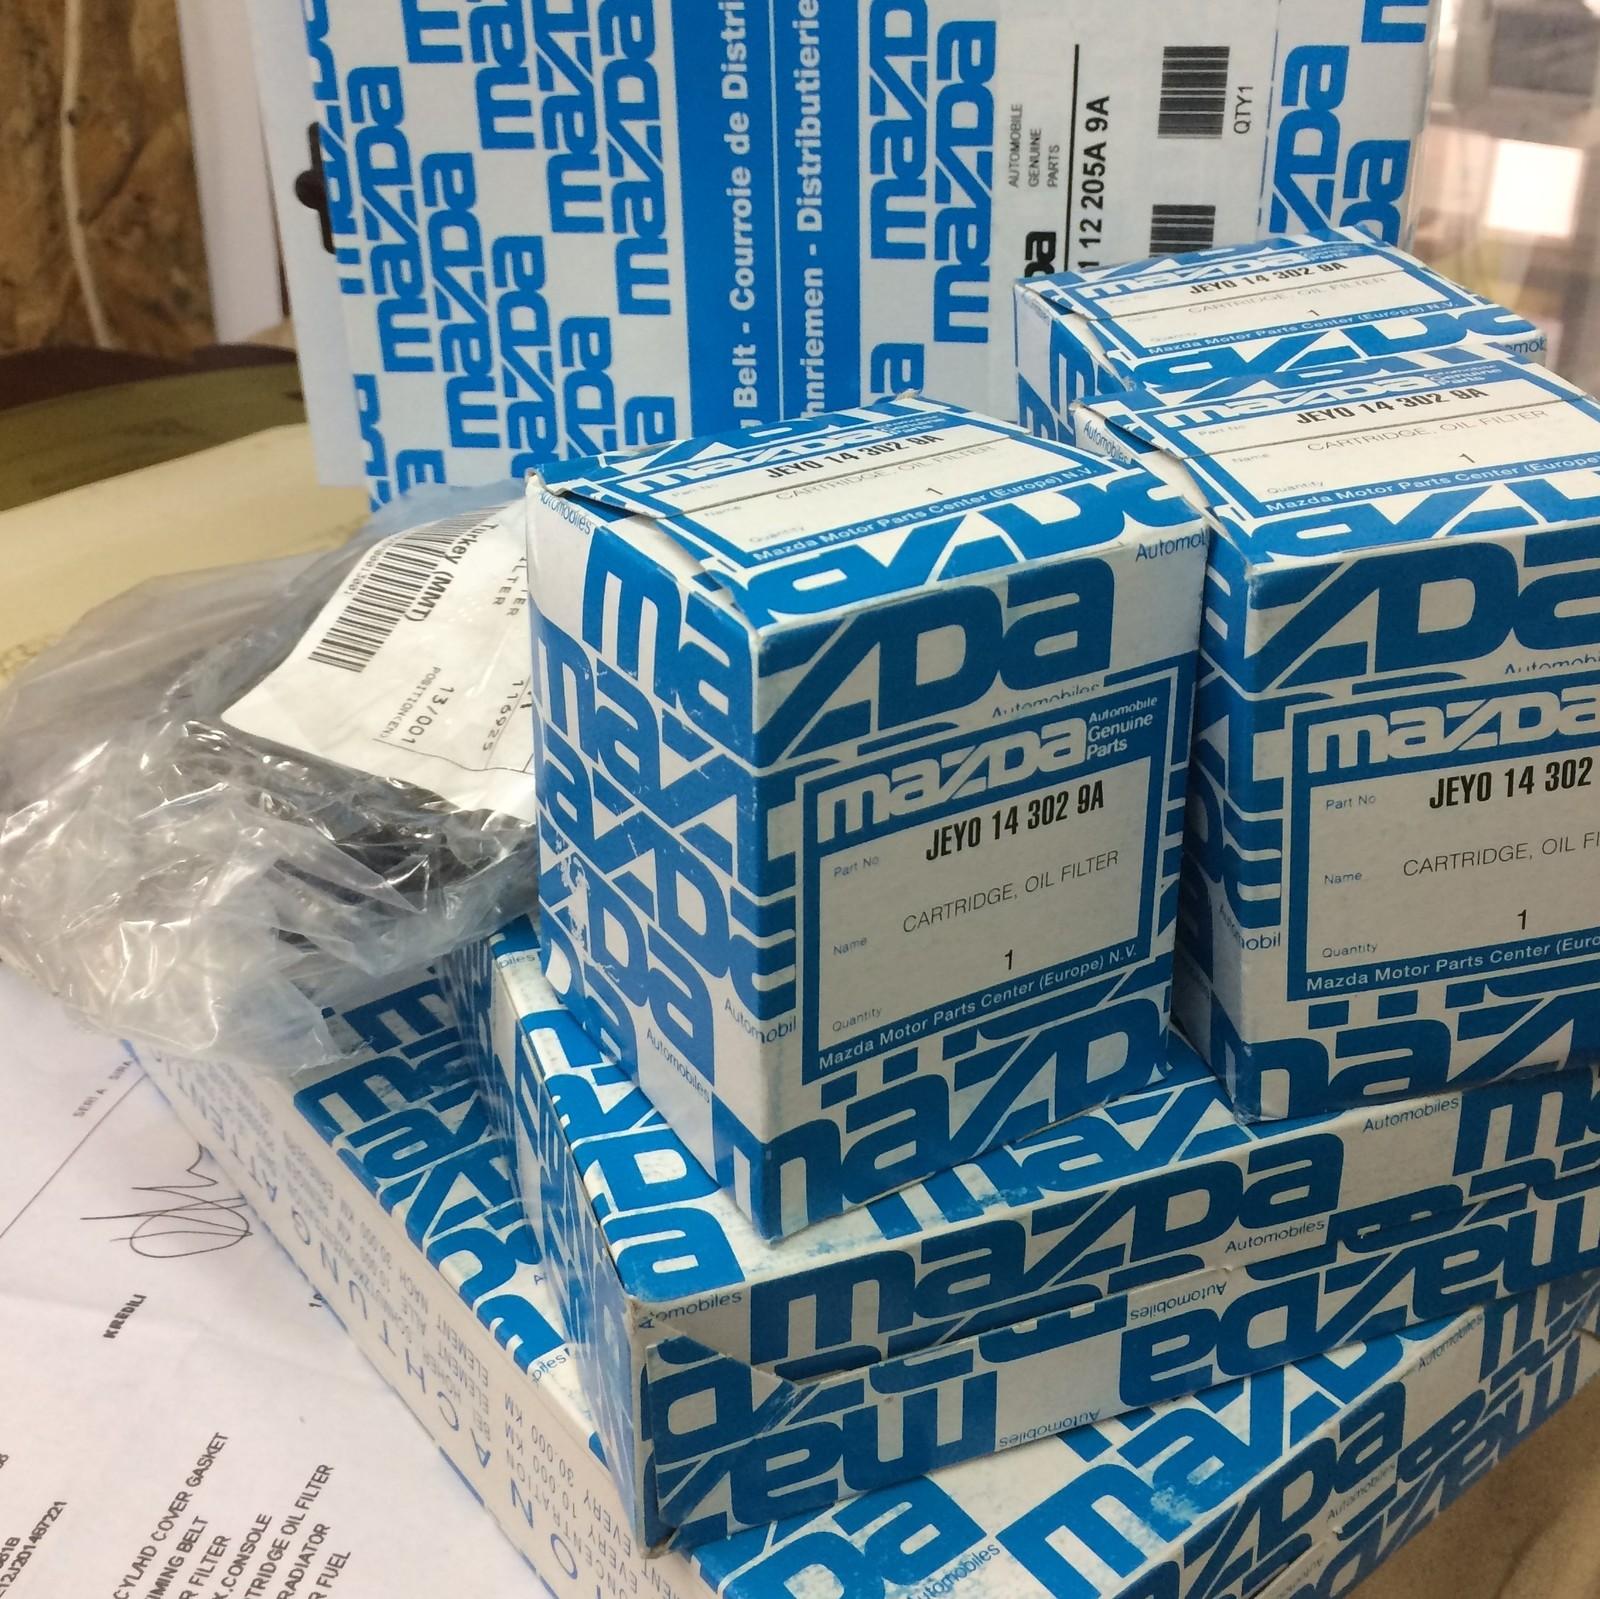 B06DA0F9-AE78-46B1-9FDE-8DCA3801E000.jpeg